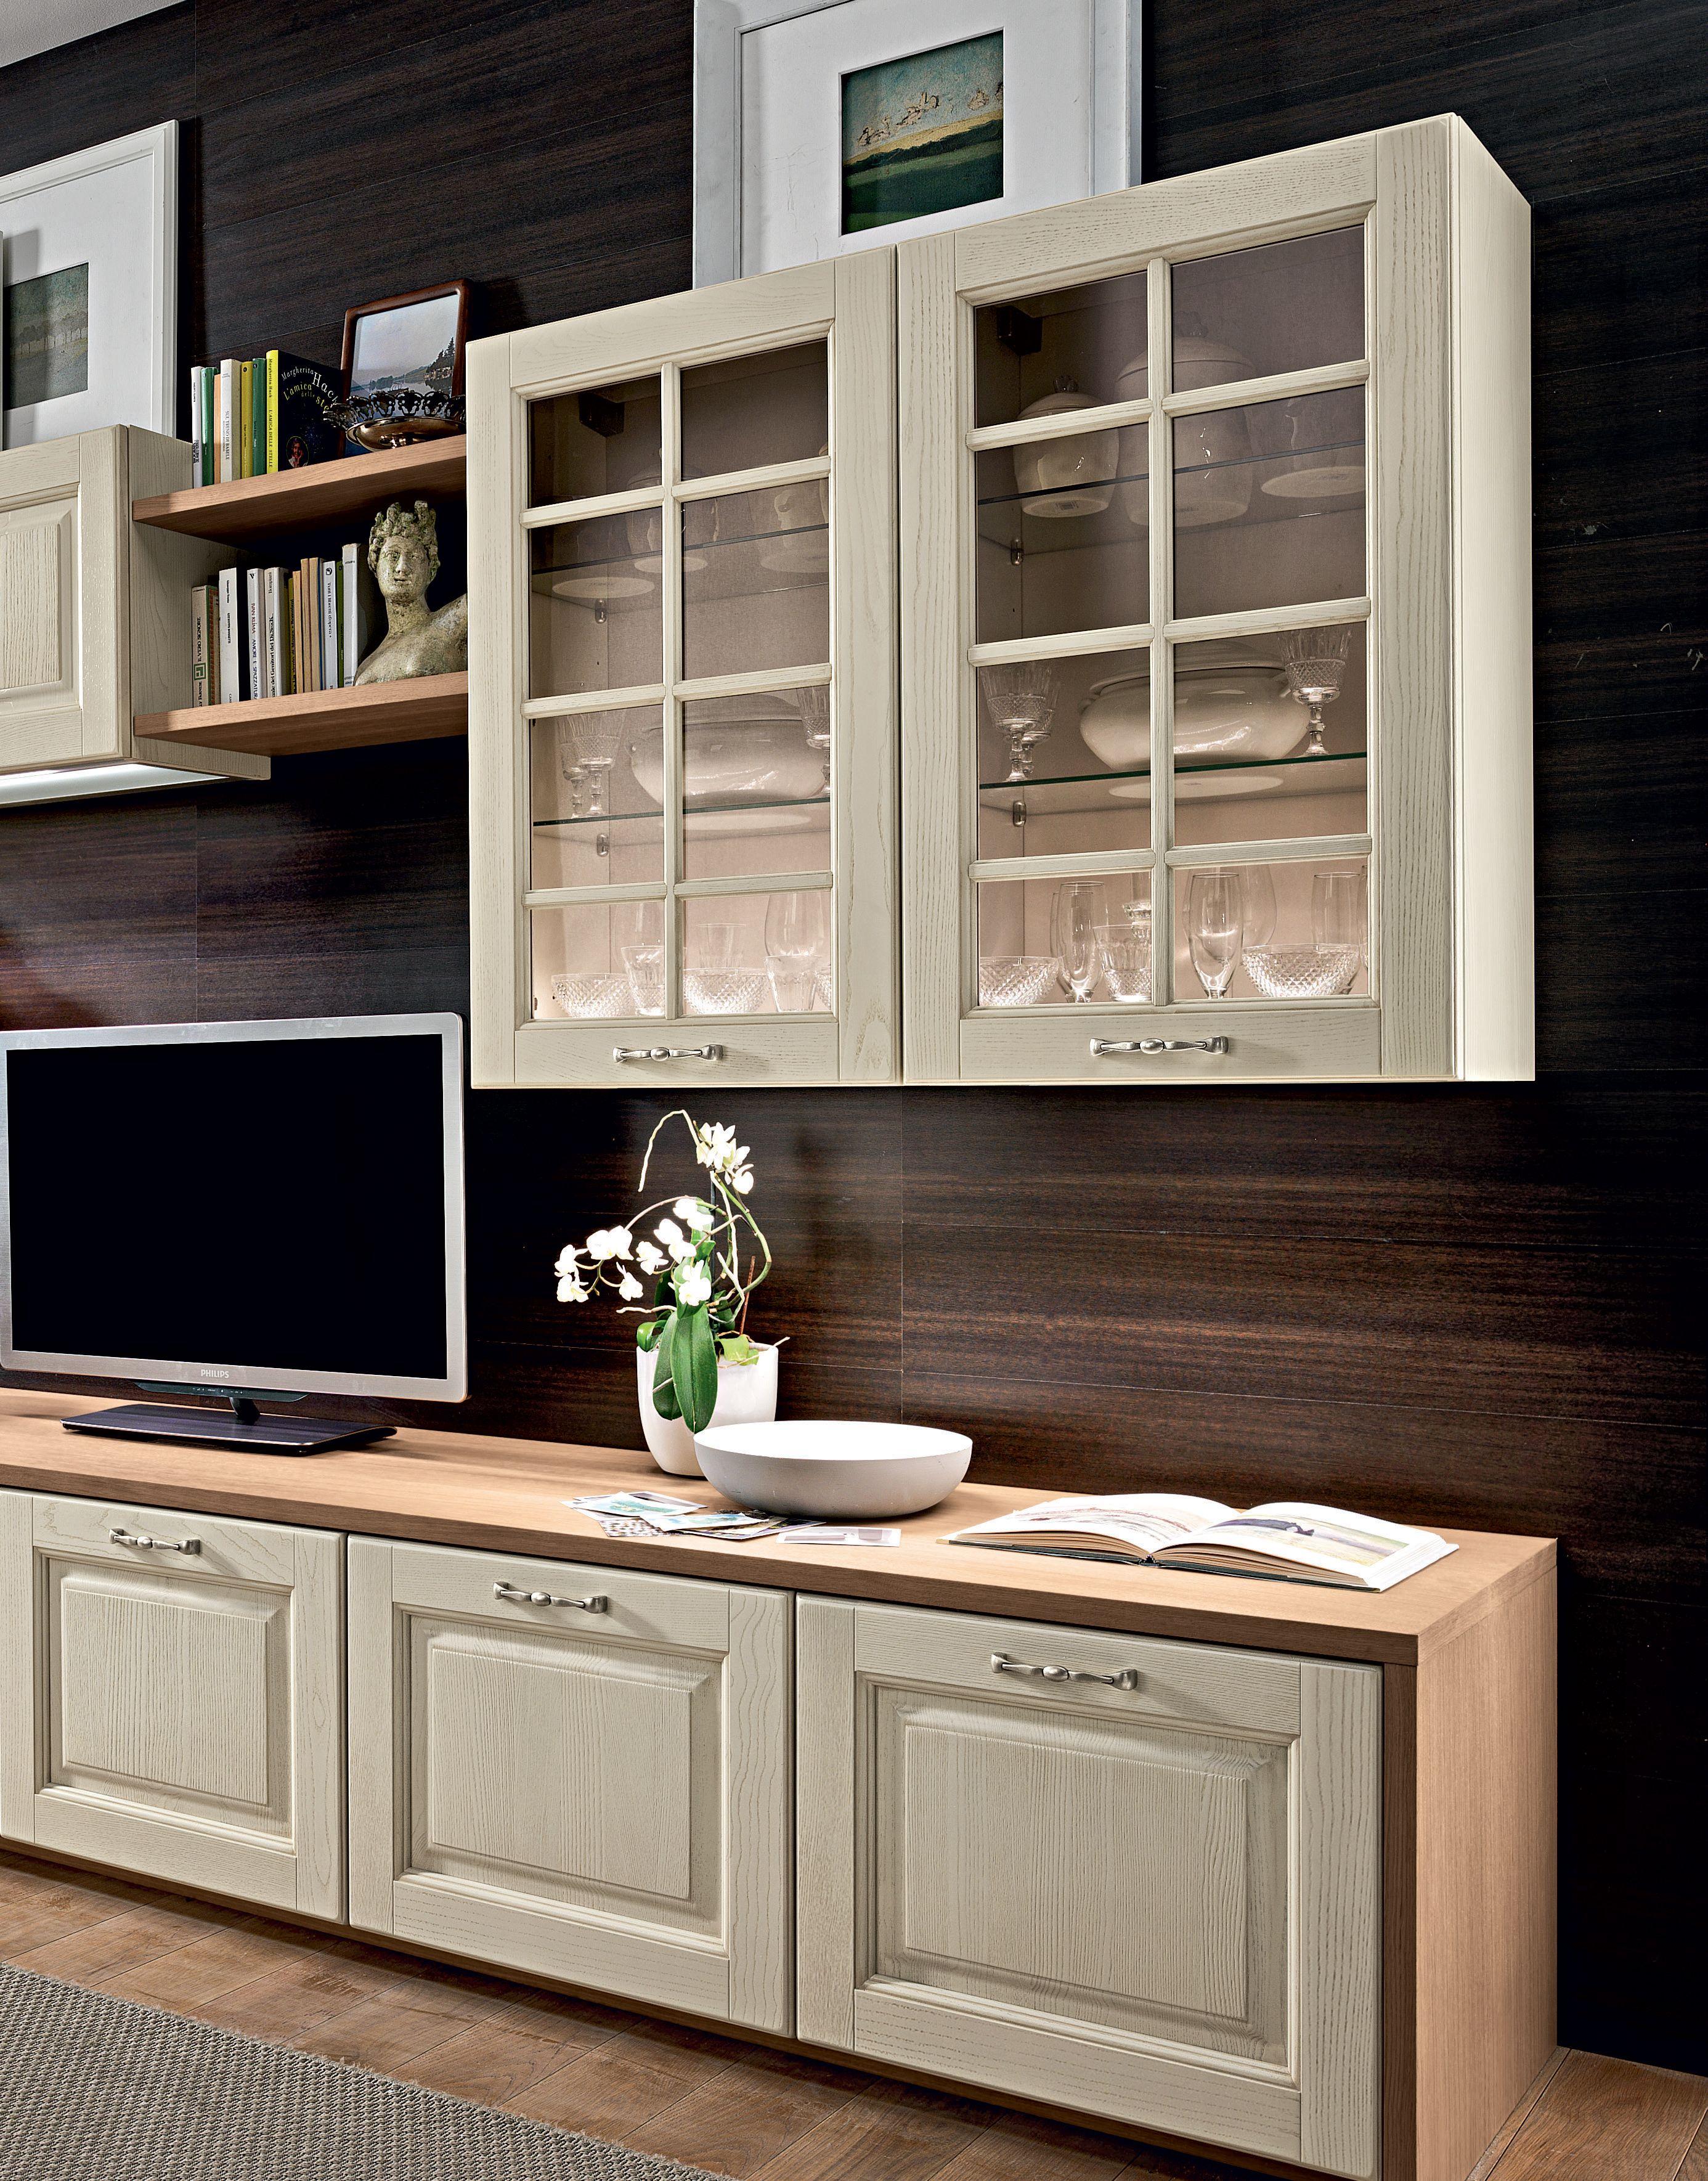 dettaglio cucina classica stosa - modello cucina bolgheri 01   Home ...